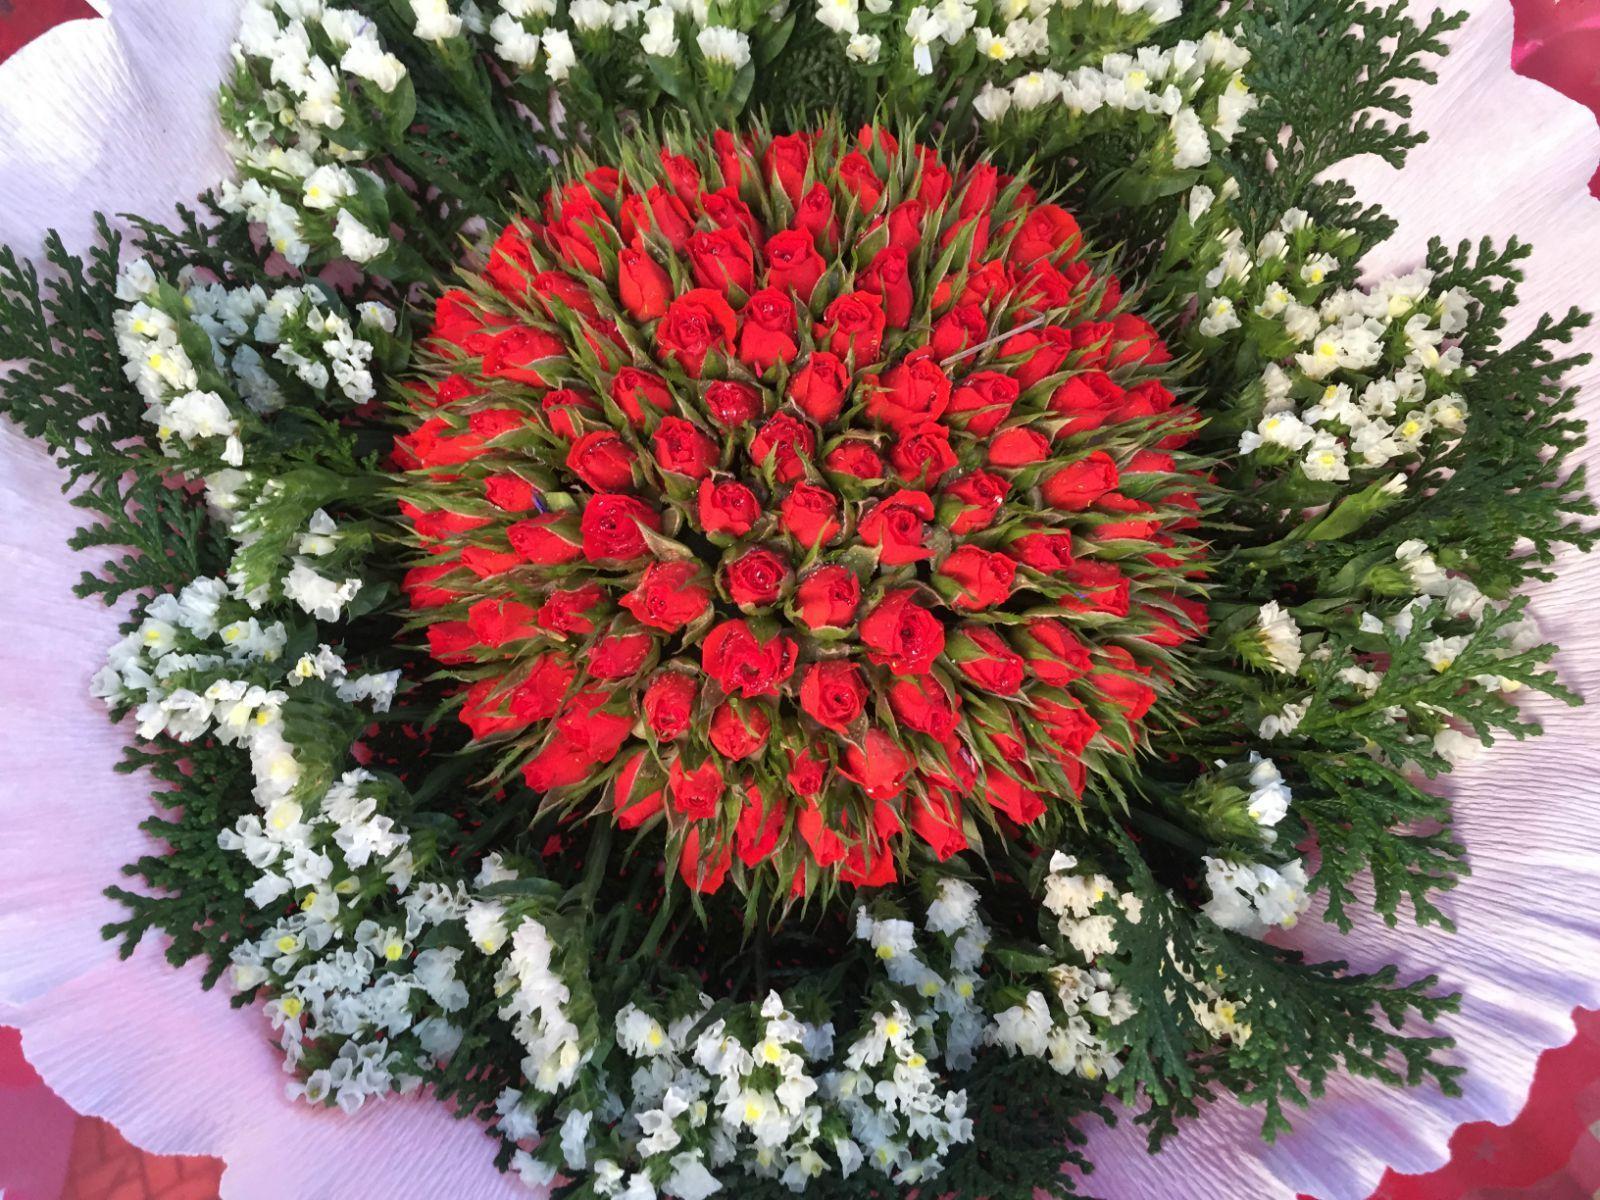 很久没有送老婆鲜花了.大叻的鲜花和水果很出名,这一束花120000vnd